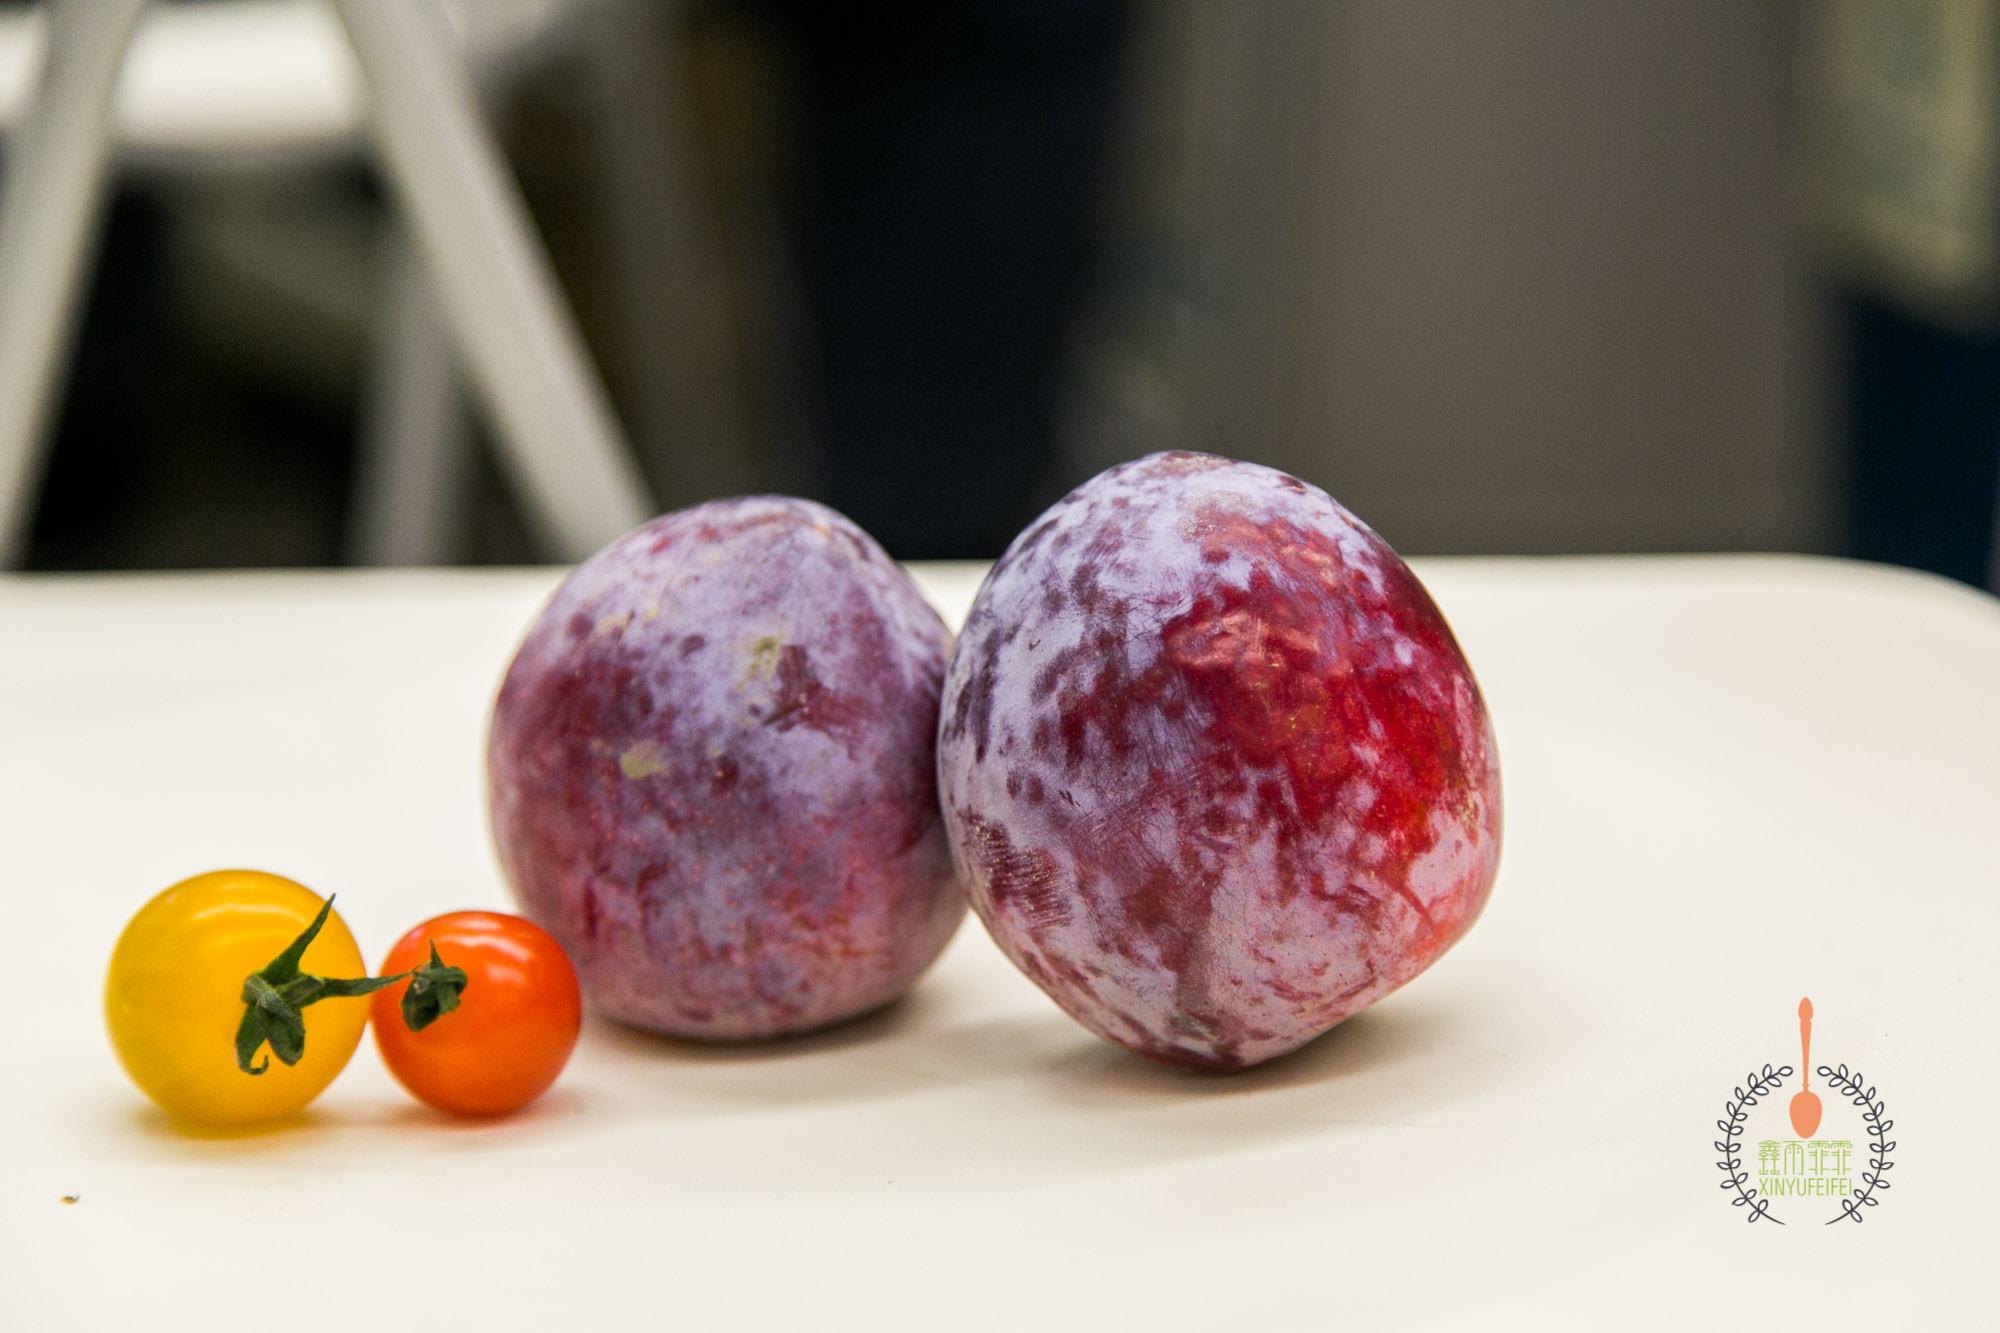 水果种类大全,常见水果名字 - 枫桥居花卉网